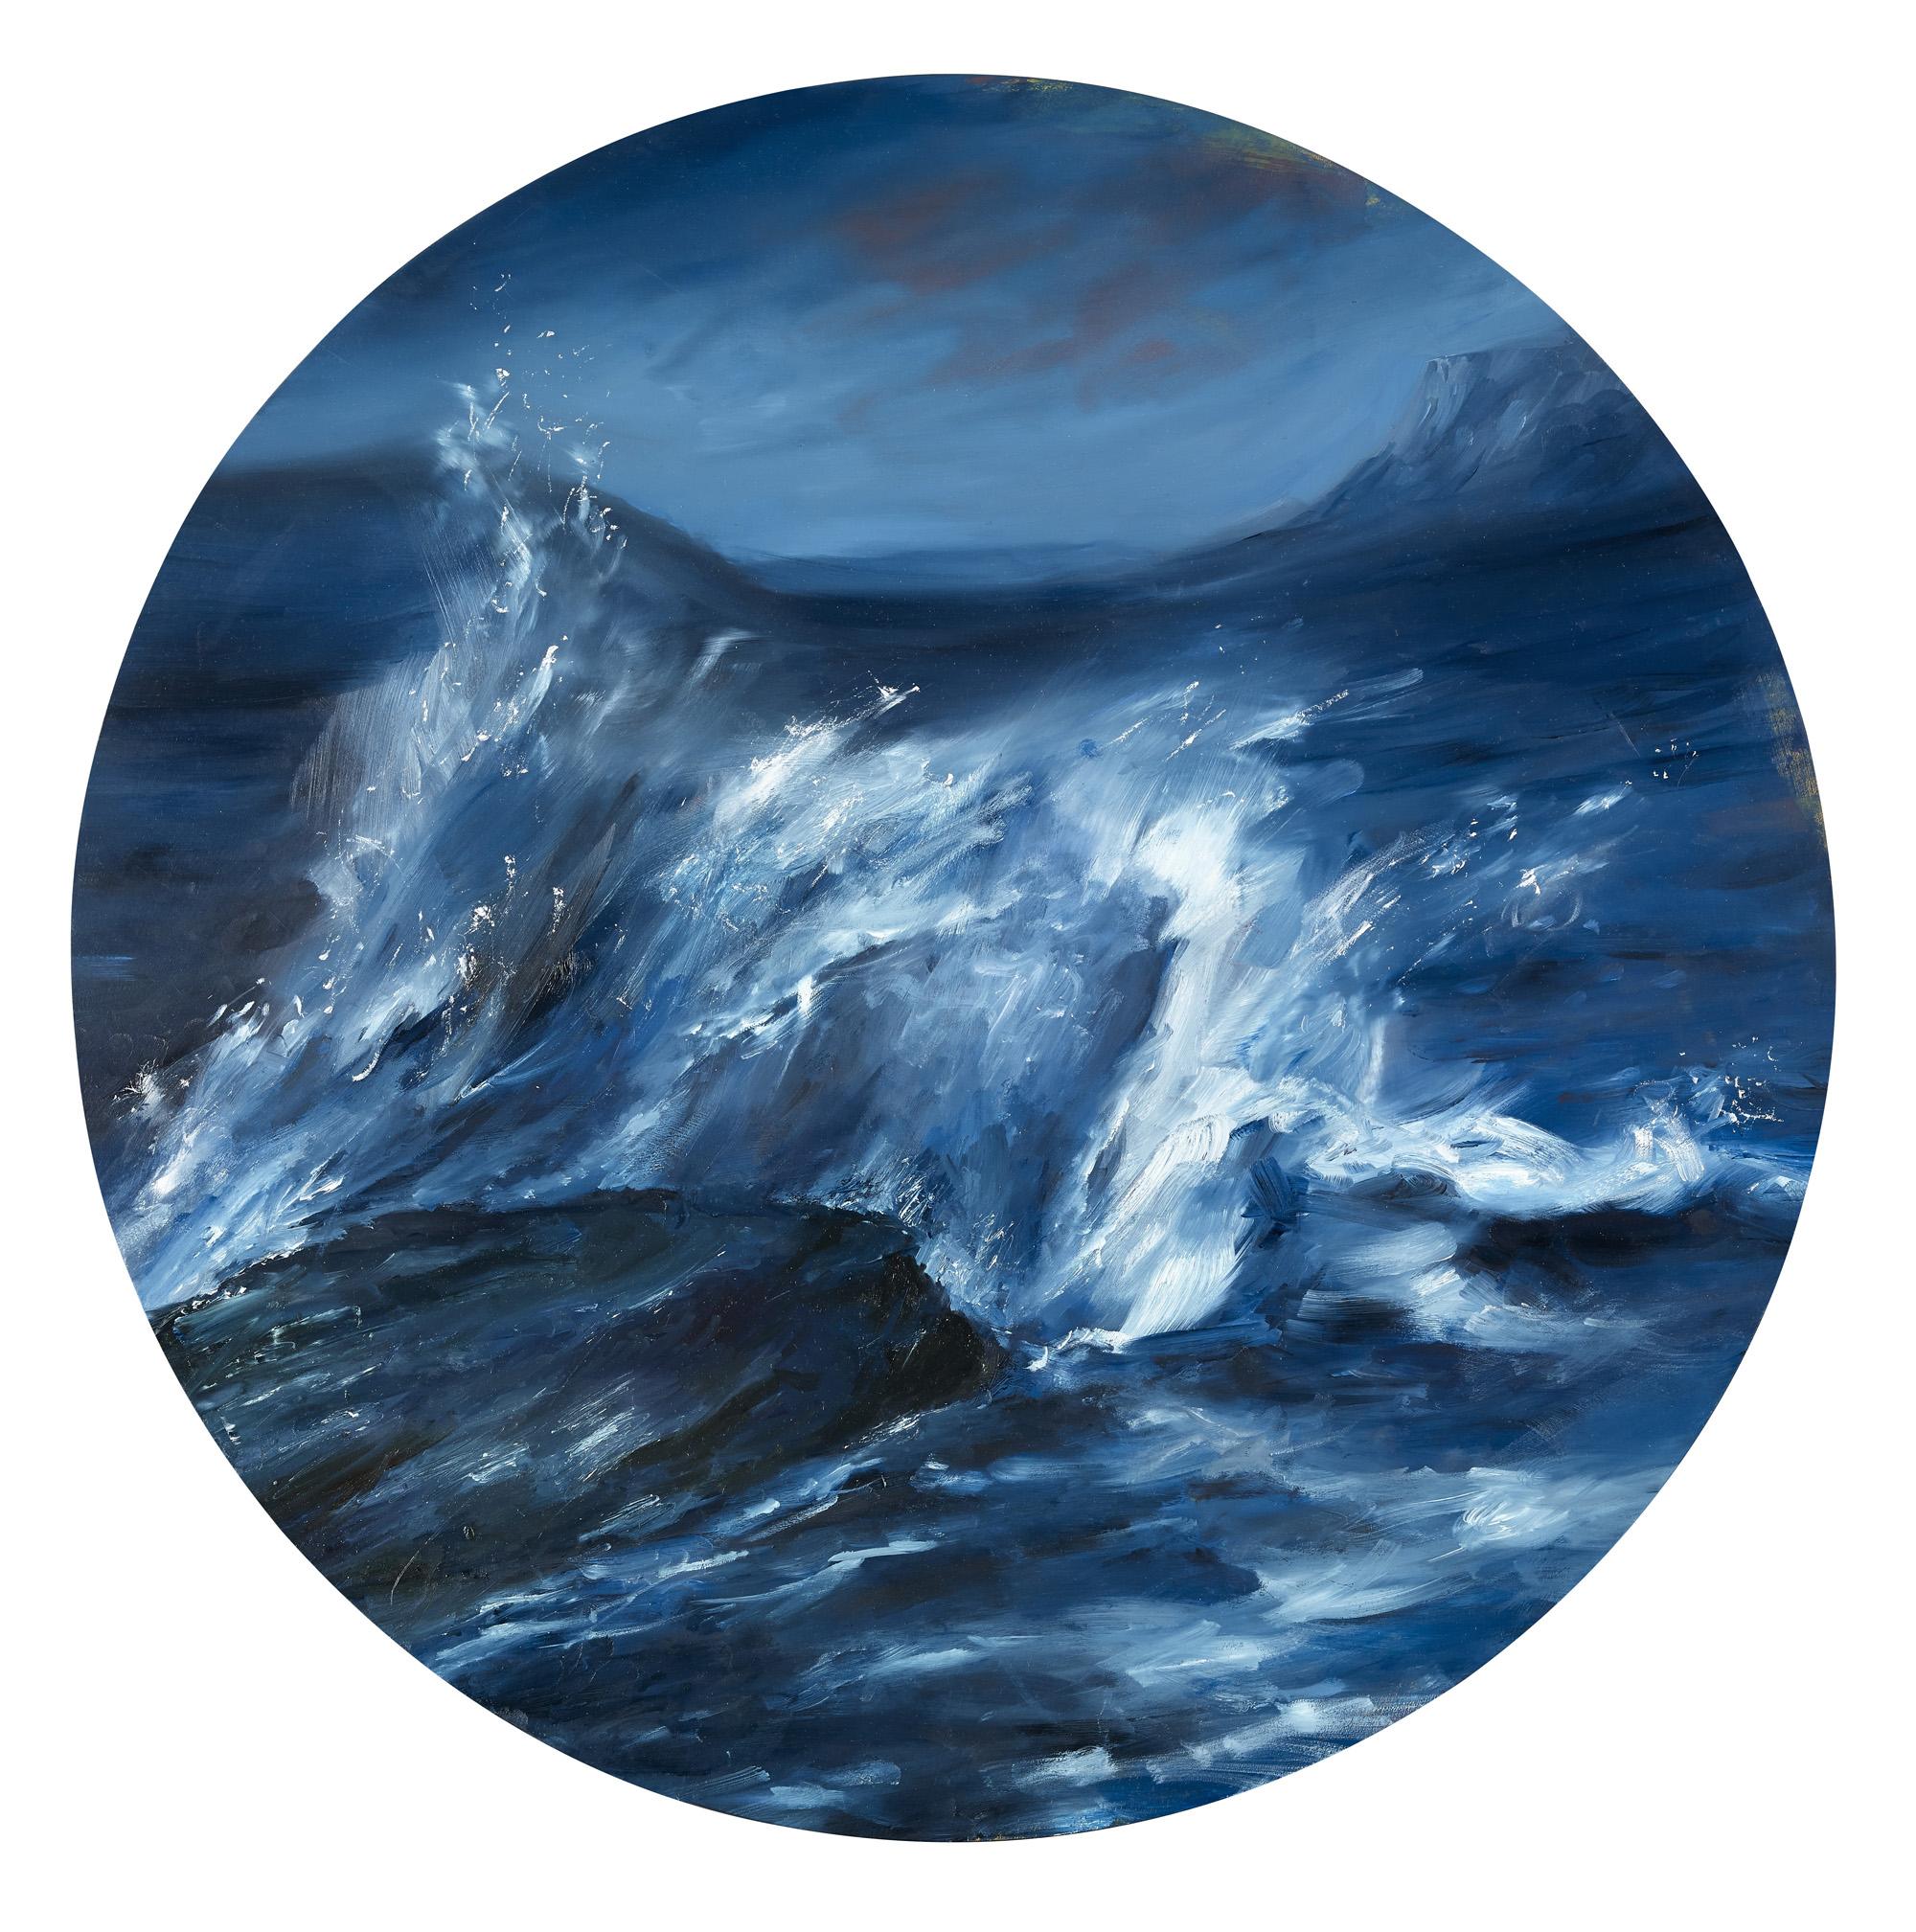 Tumultous Seas, #9, 2013 oil on panel 24 in.